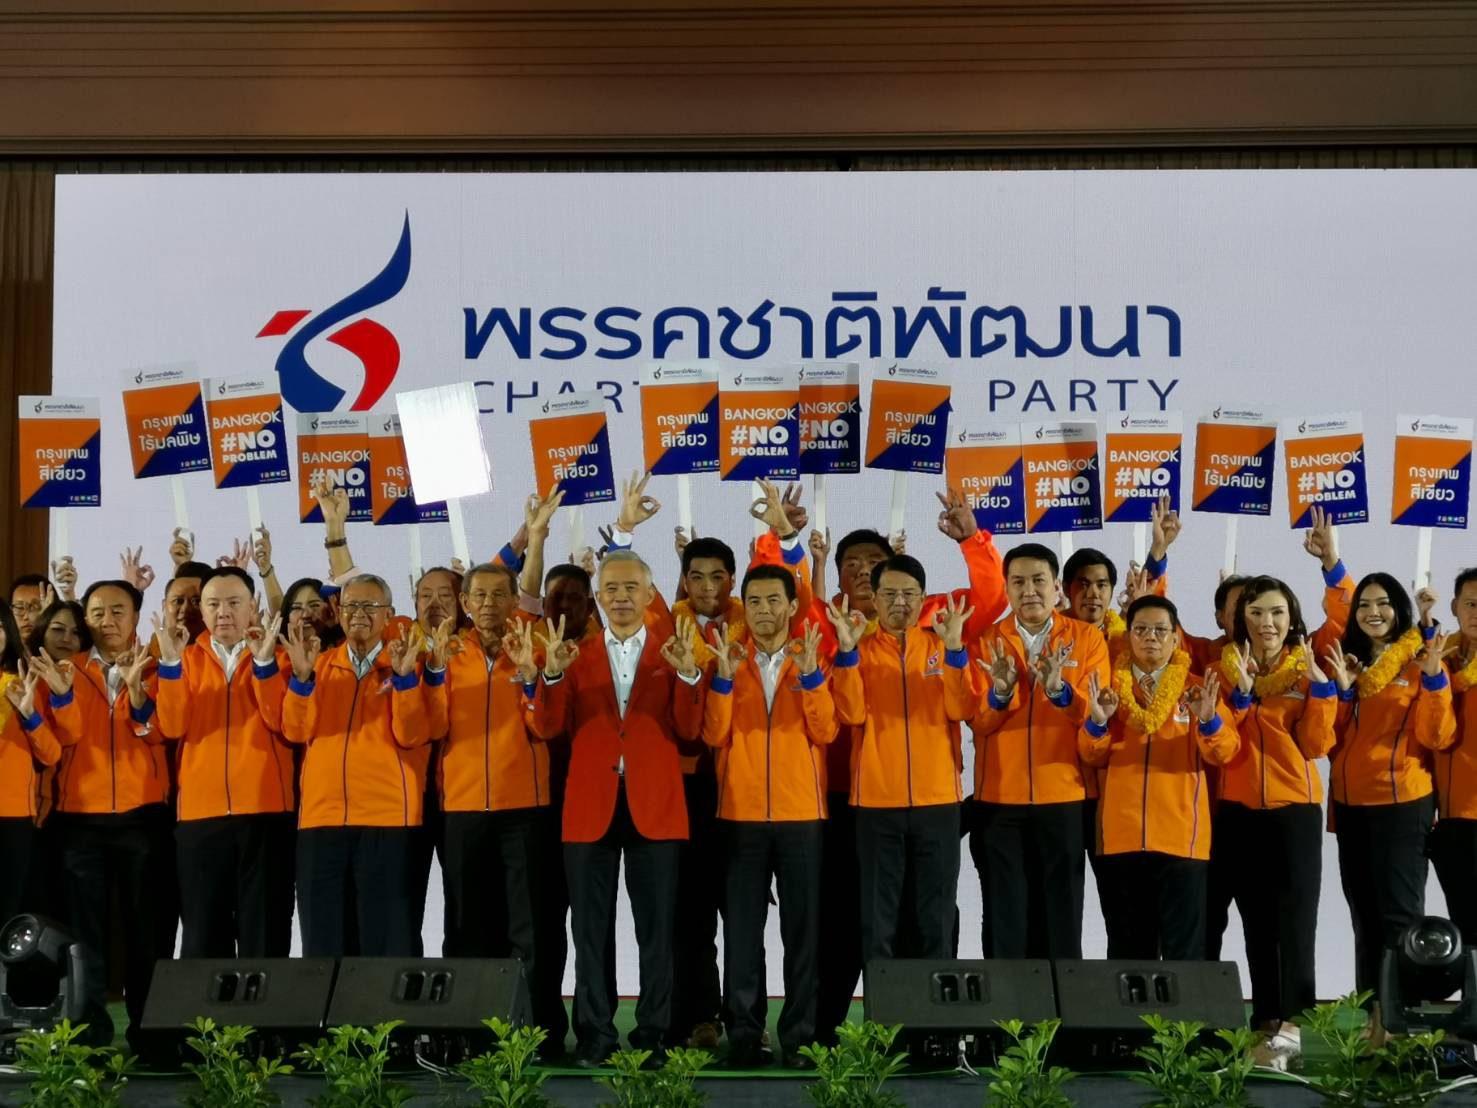 'พรรคชาติพัฒนา' เปิดตัวนโยบายพัฒนากรุงเทพฯ 'Bangkok No Problem' 9 Smart